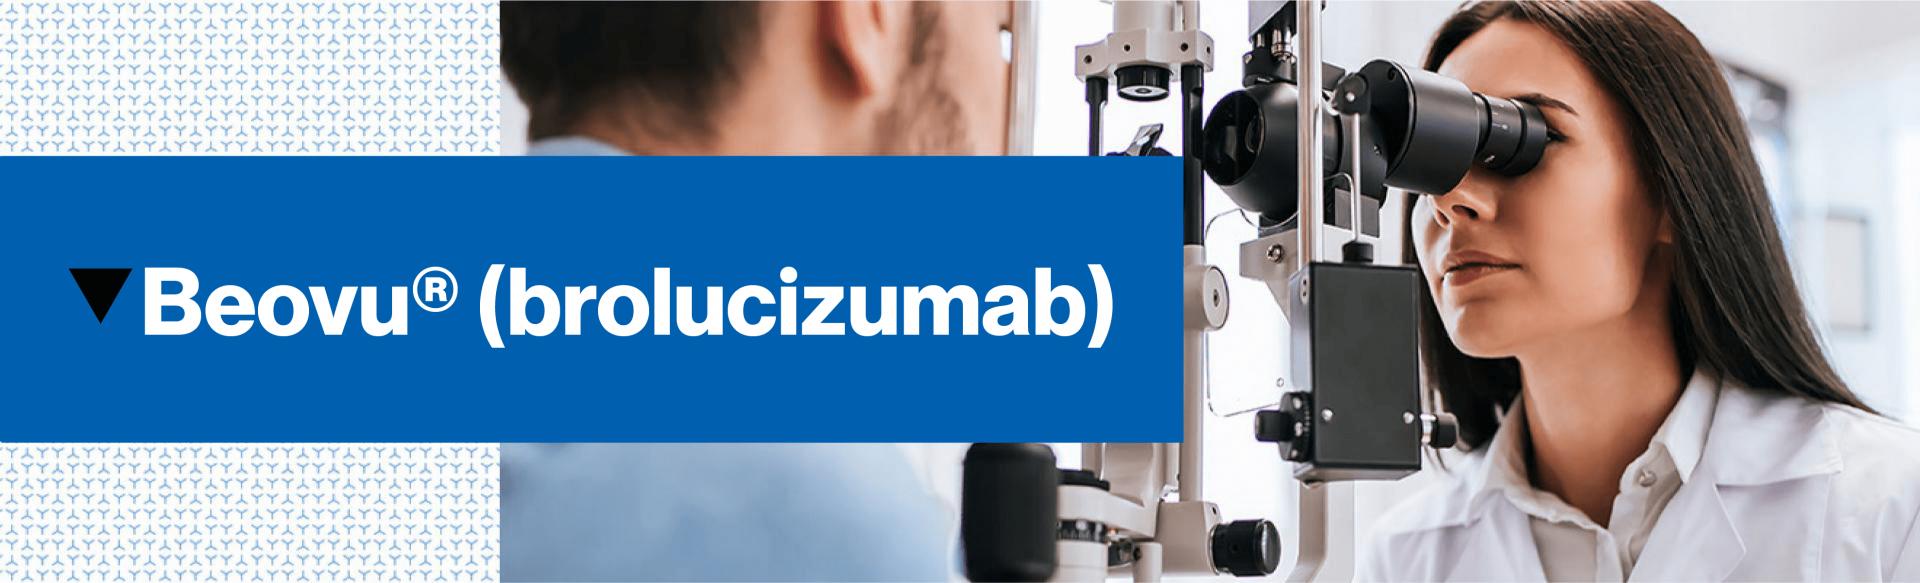 Top banner. Beovu (brolucizumab)